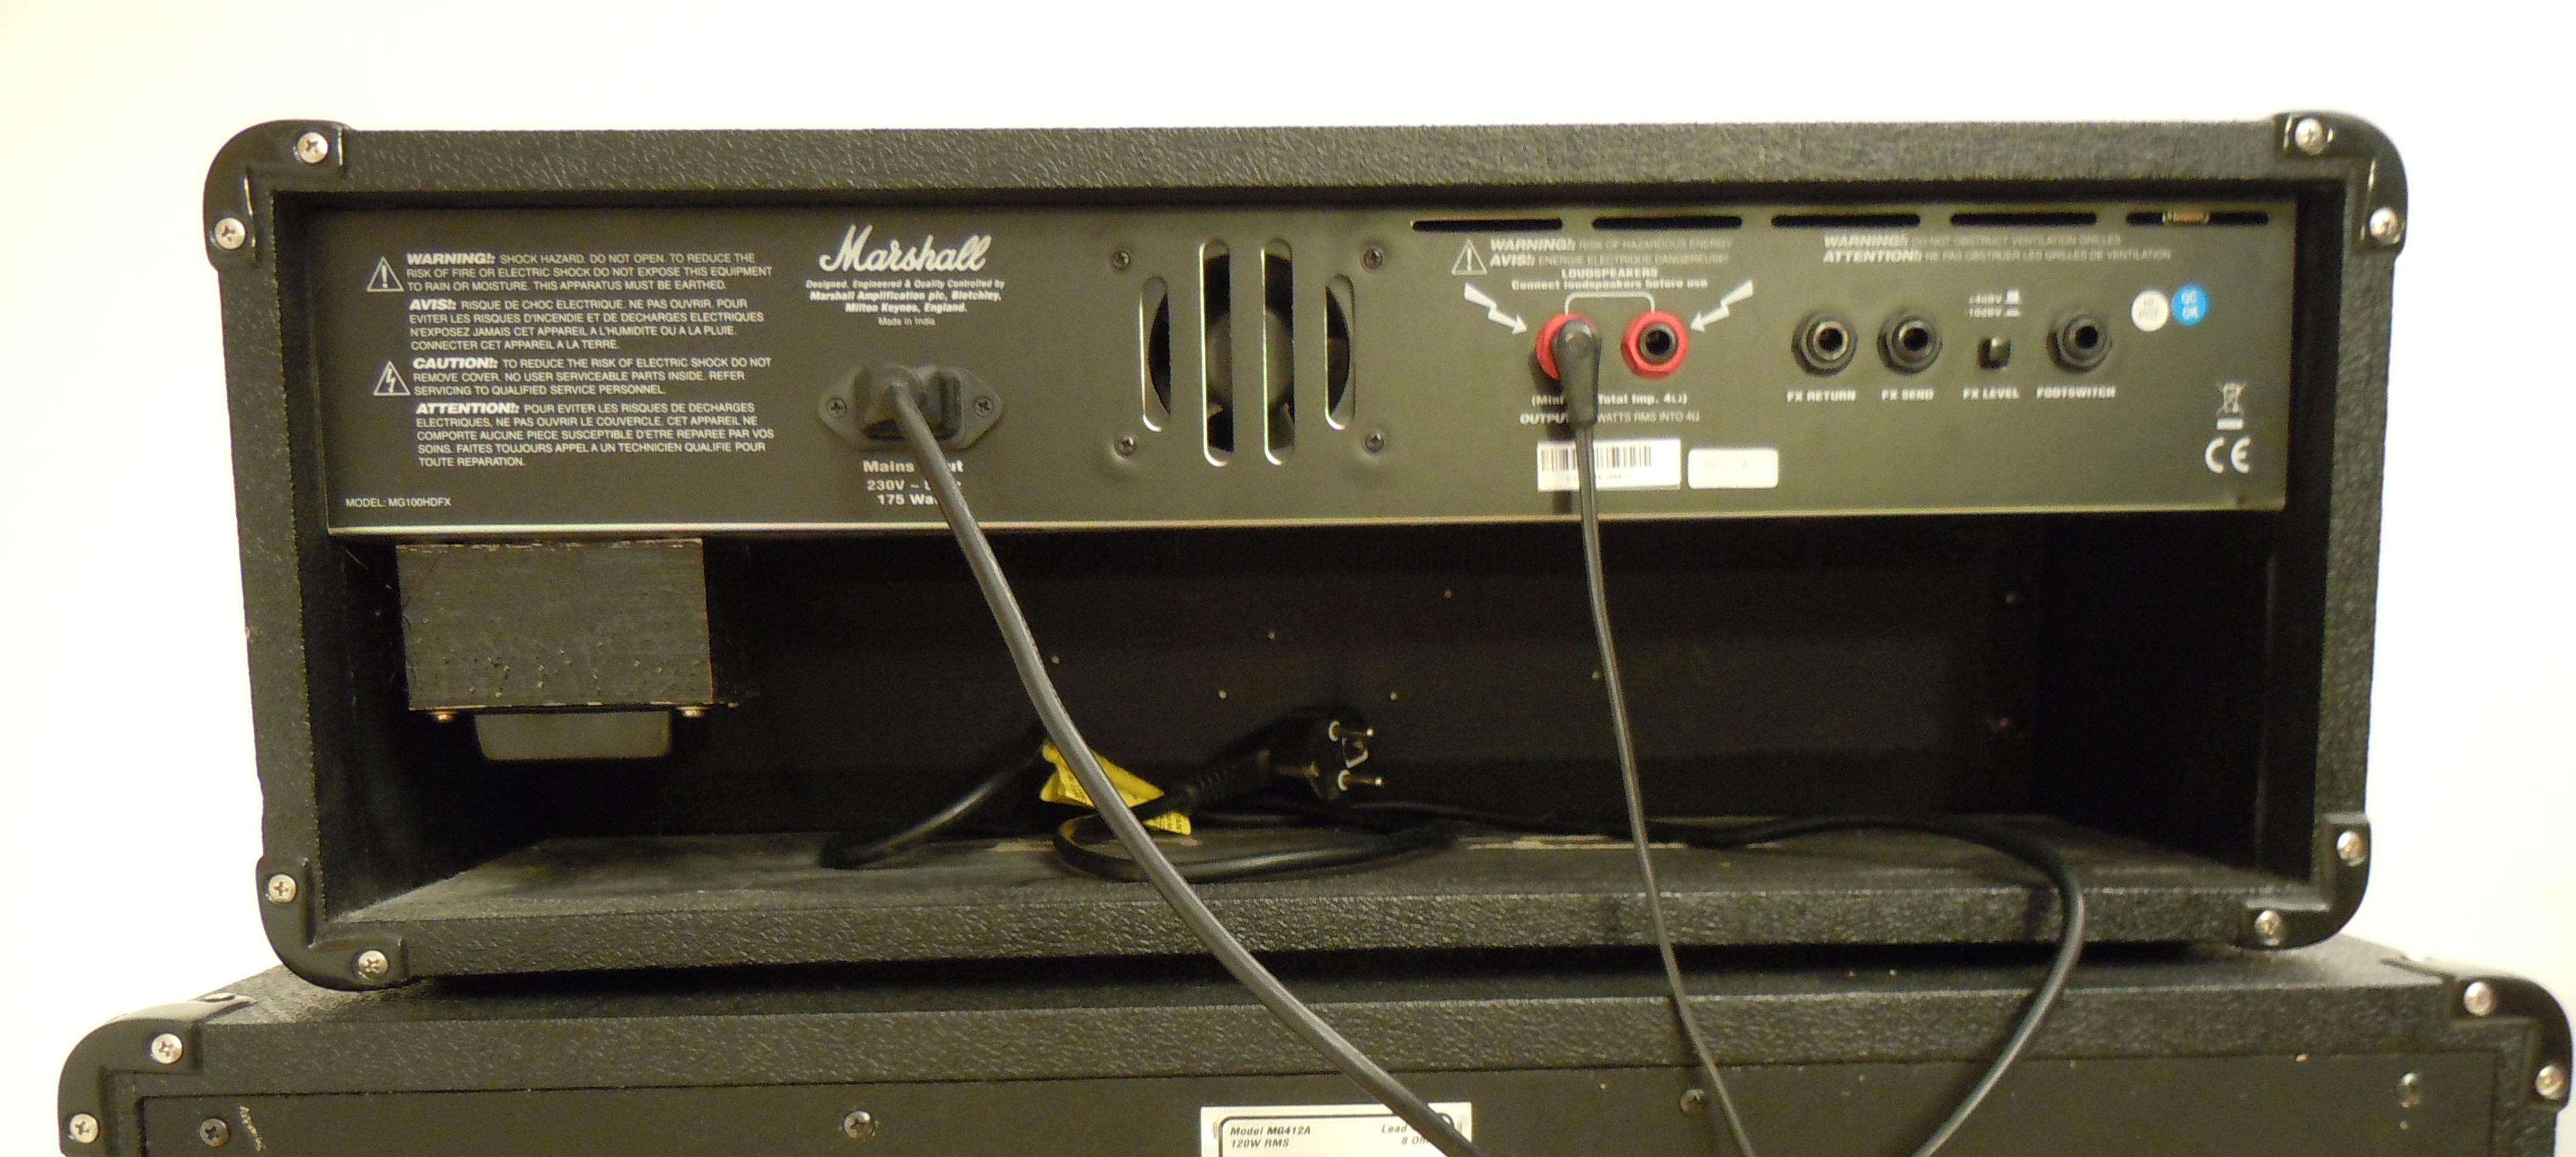 marshall mg100hdfx image 956039 audiofanzine rh en audiofanzine com marshall mg100hcfx user manual marshall mg100fx user manual